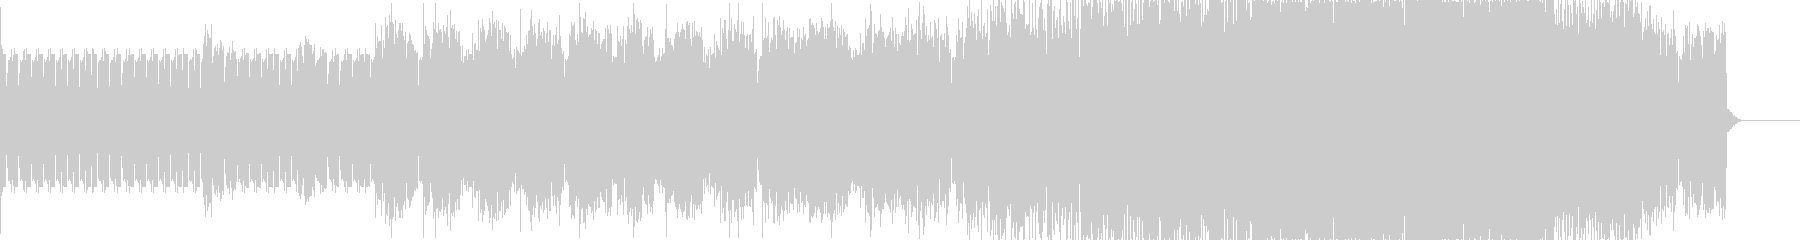 ミニマル・ポップなエレクトロニカの未再生の波形